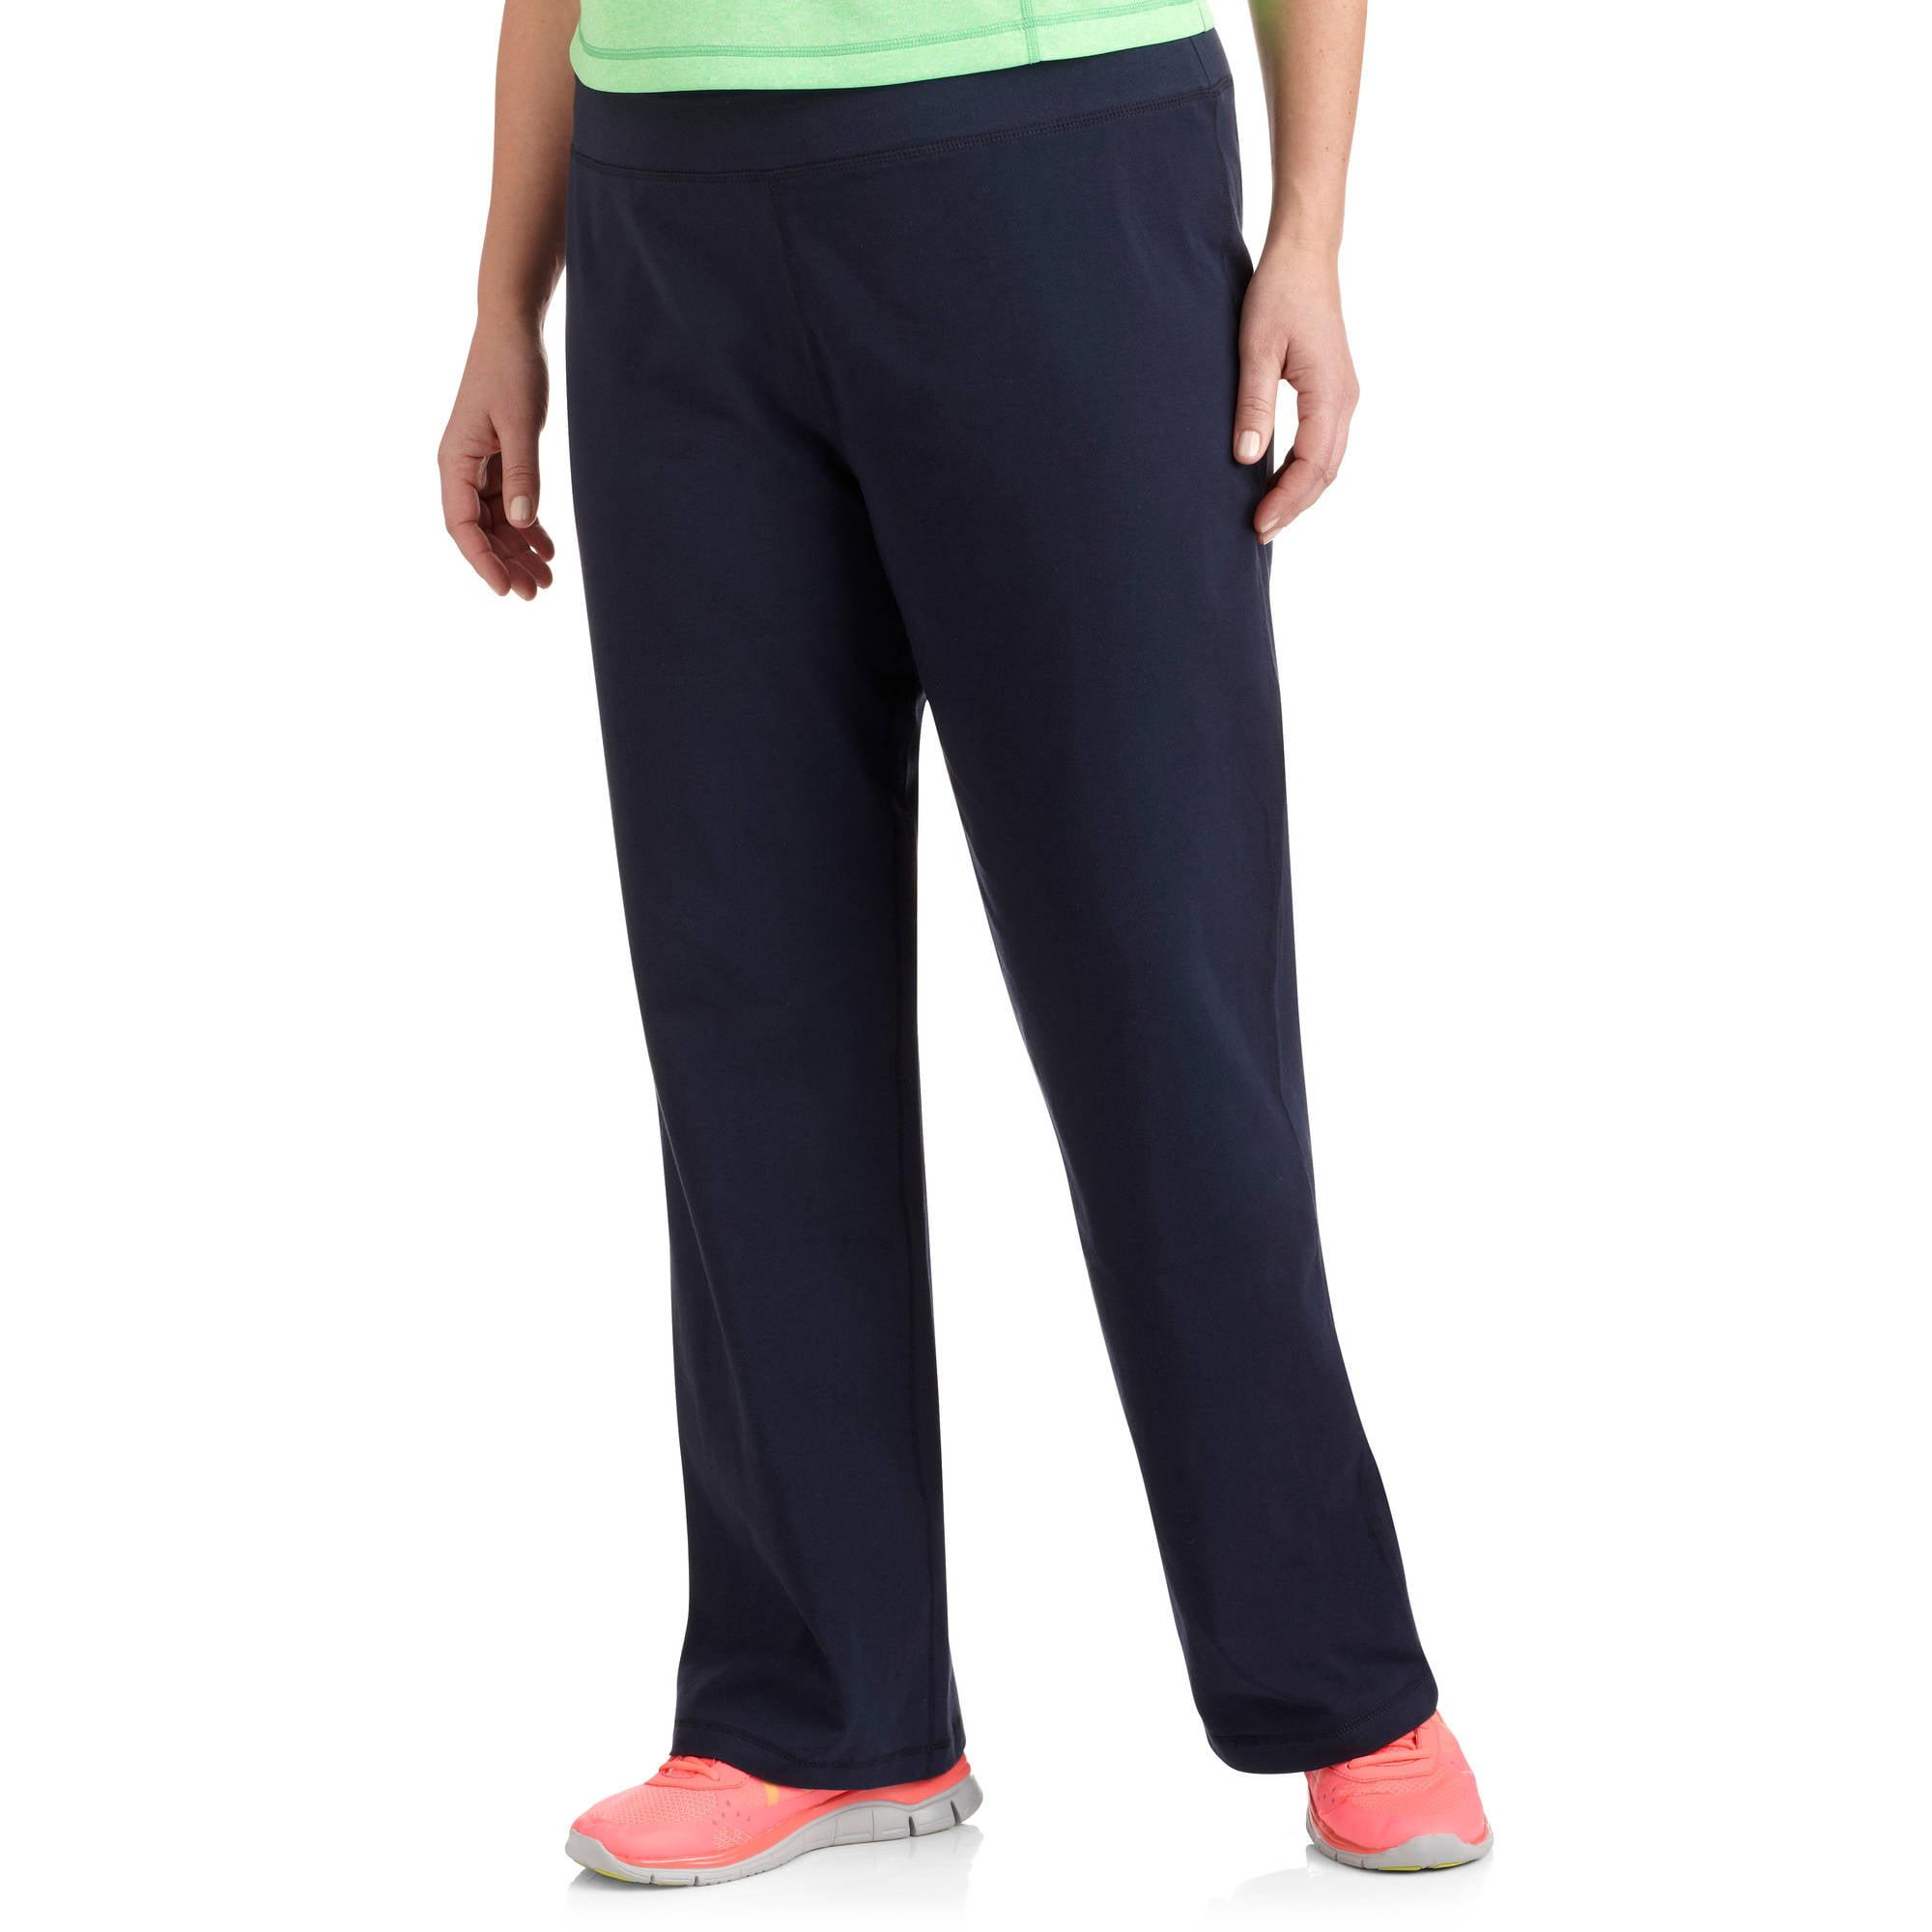 Danskin Now Women's Plus-Size Dri-More Core Bootcut Workout Pants